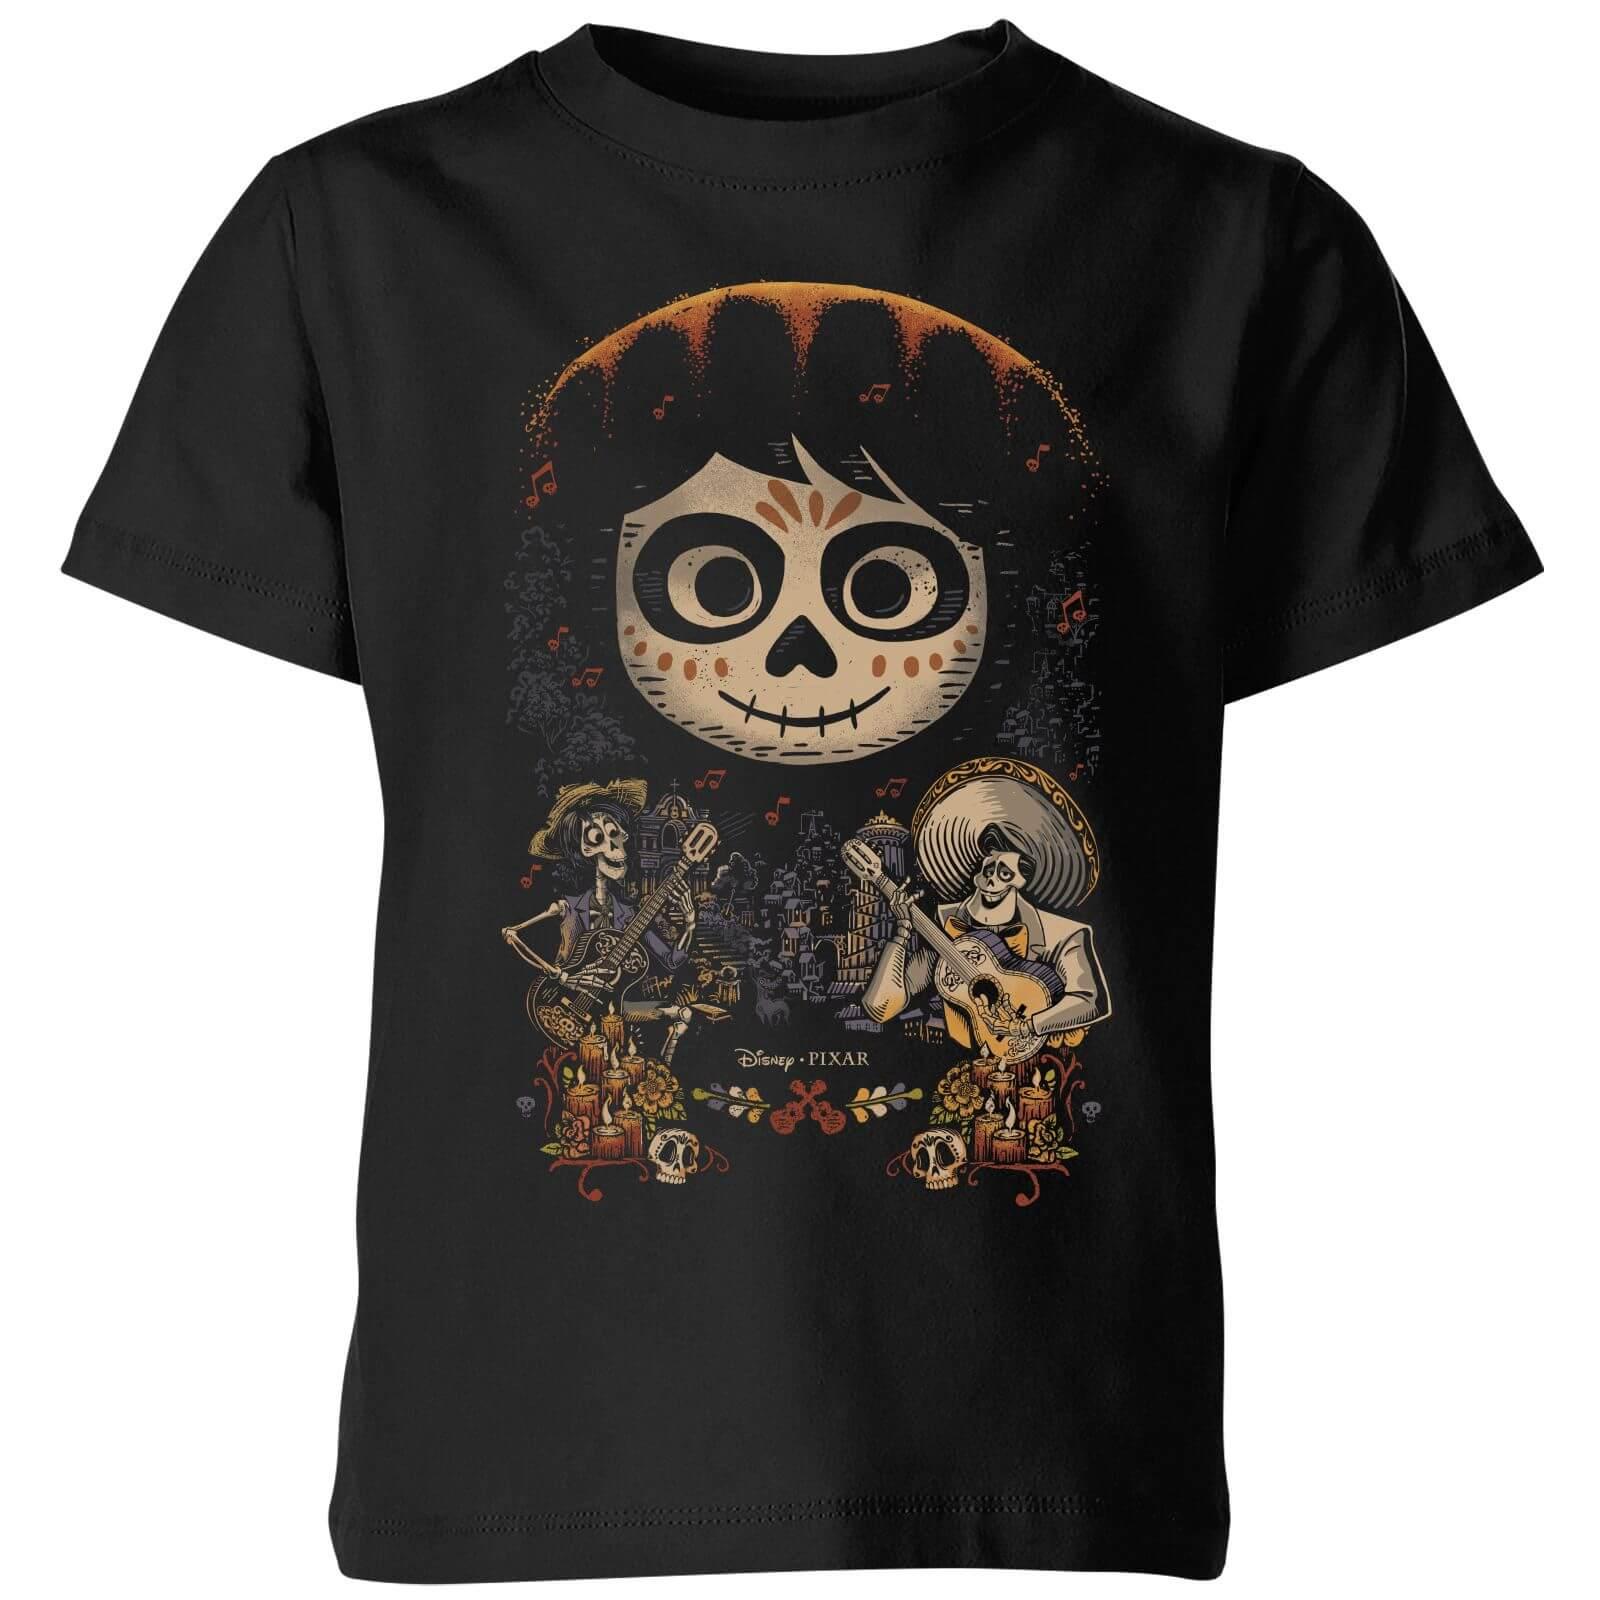 Pixar T-Shirt Enfant Visage Miguel Poster Coco - Noir - 5-6 ans - Noir